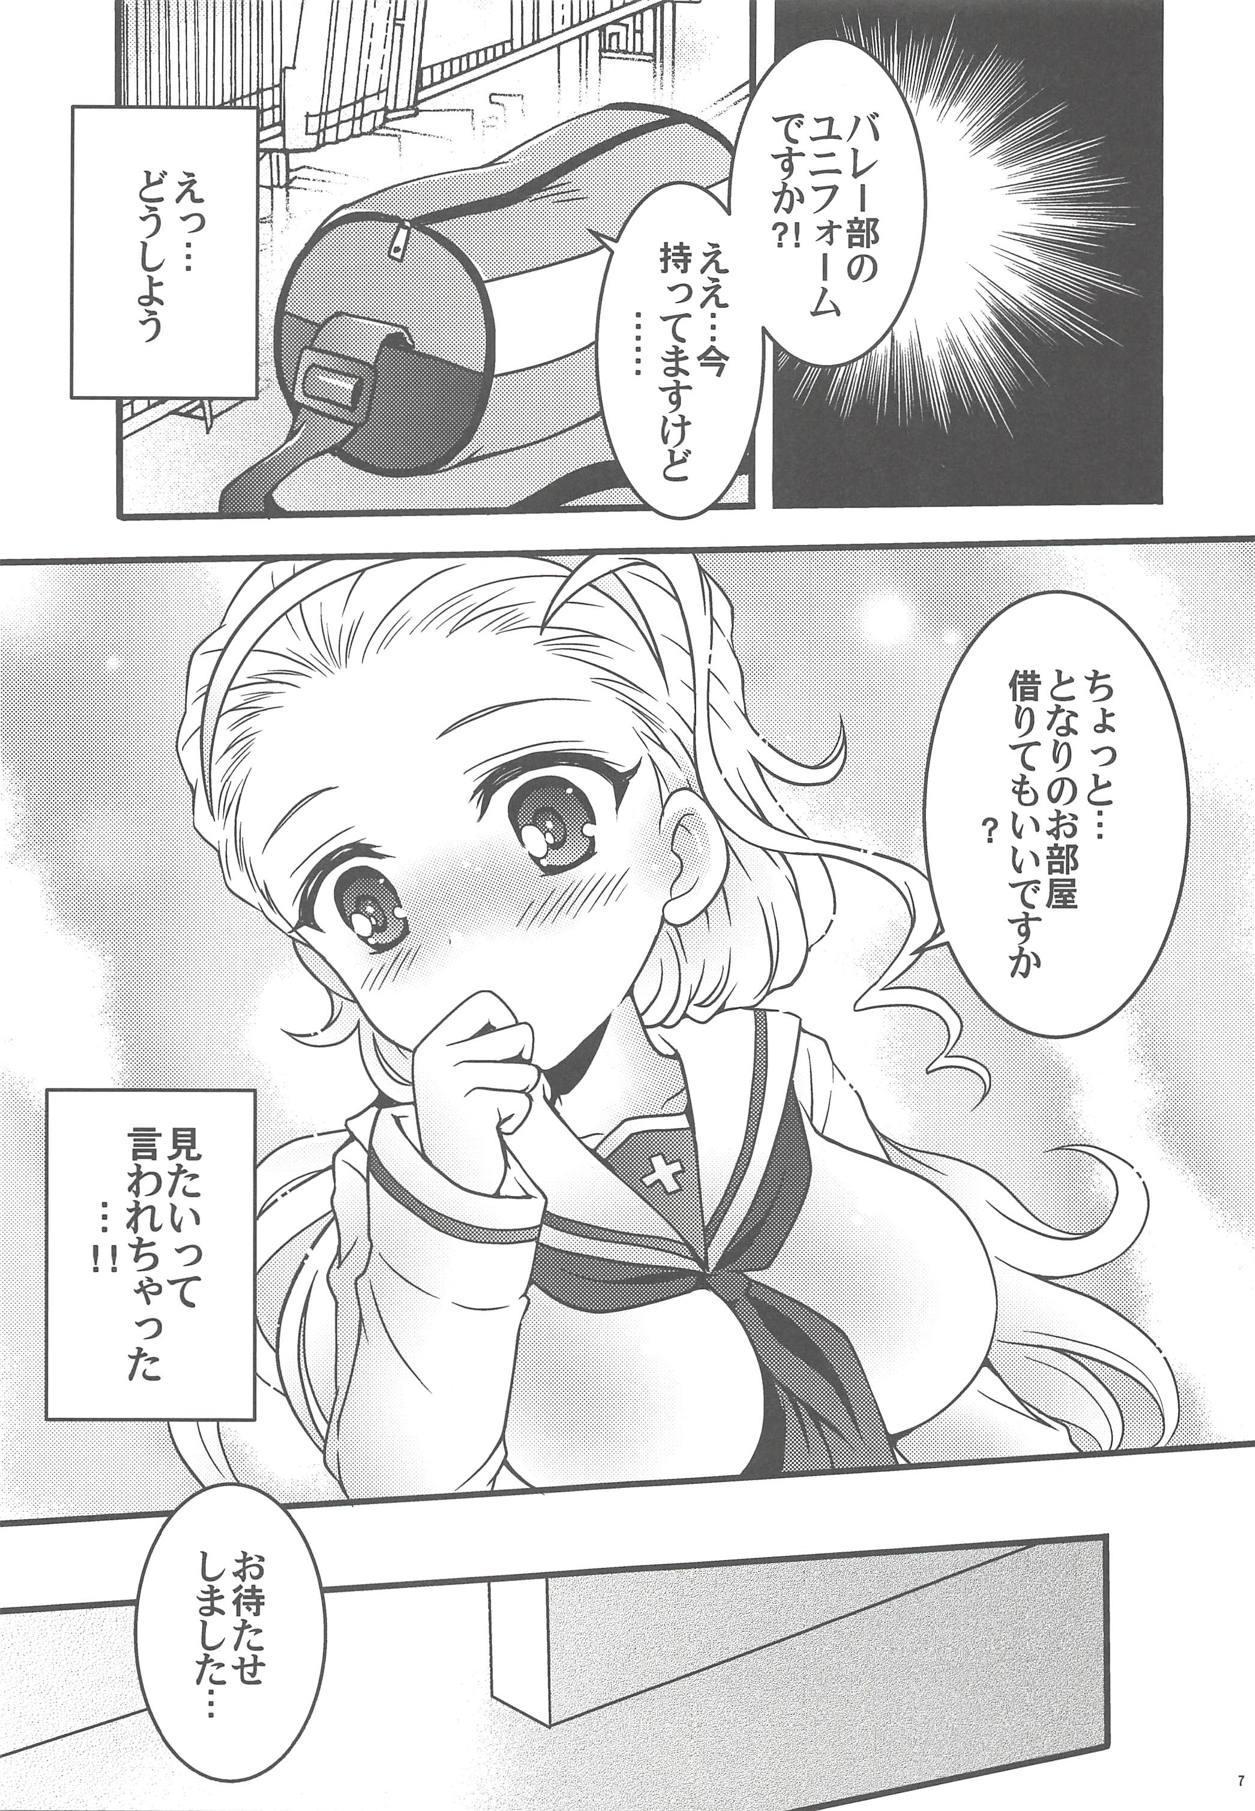 Iyashite!! Akebi-chan 5